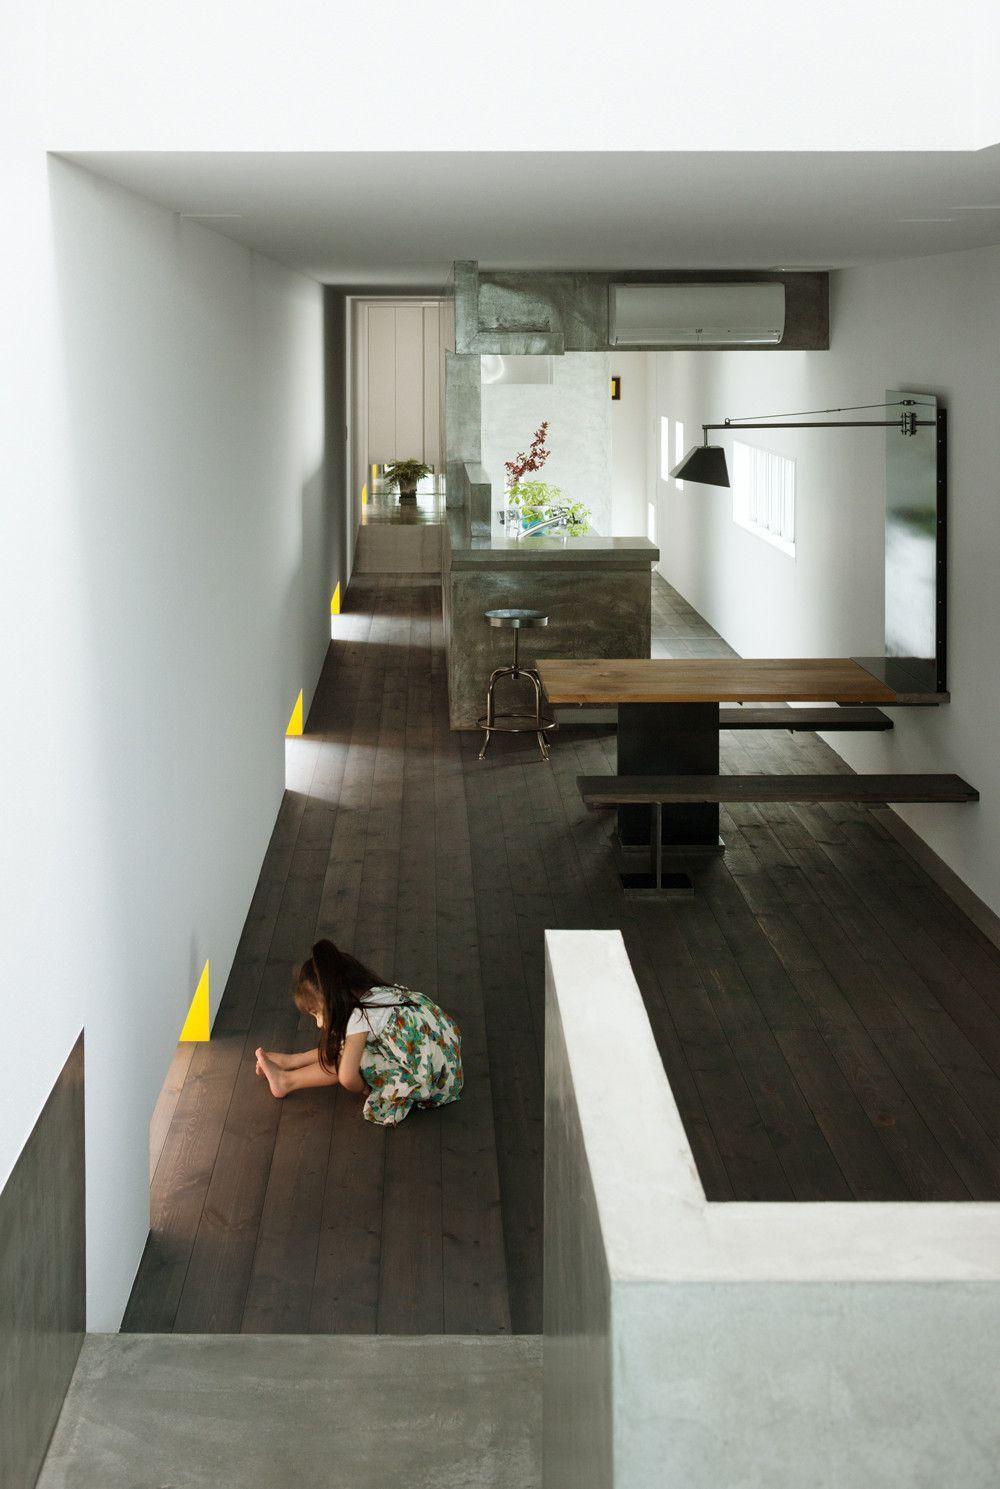 11 Spectacular Narrow Houses And Their Ingenious Design Solutions Architektur Innenarchitektur Inneneinrichtung Haus Interieurs